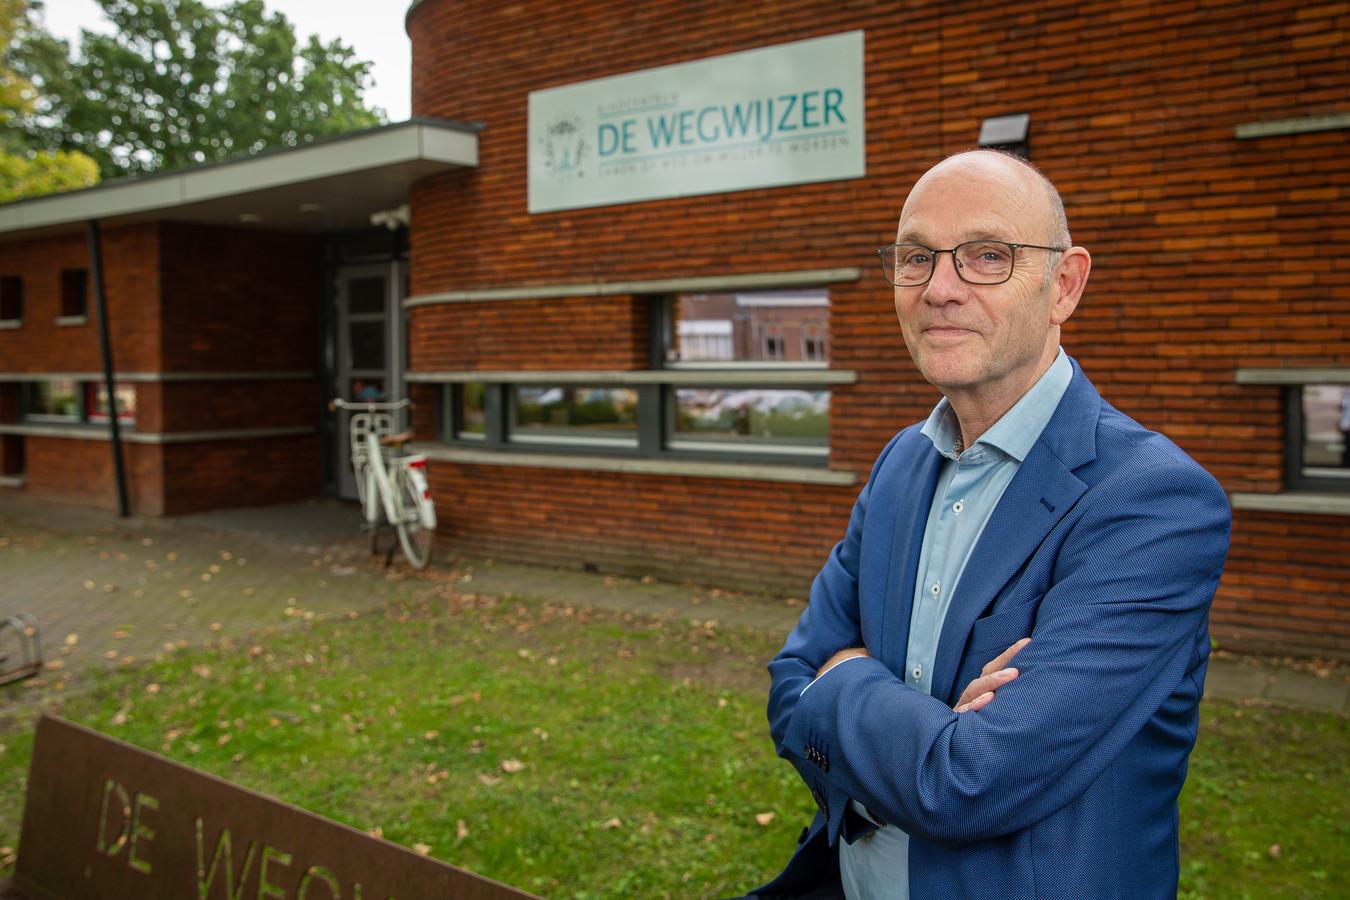 Bestuurder Gerard van der Burgt van GroeiSaam voor basisschool De Wegwijzer in Winssen.